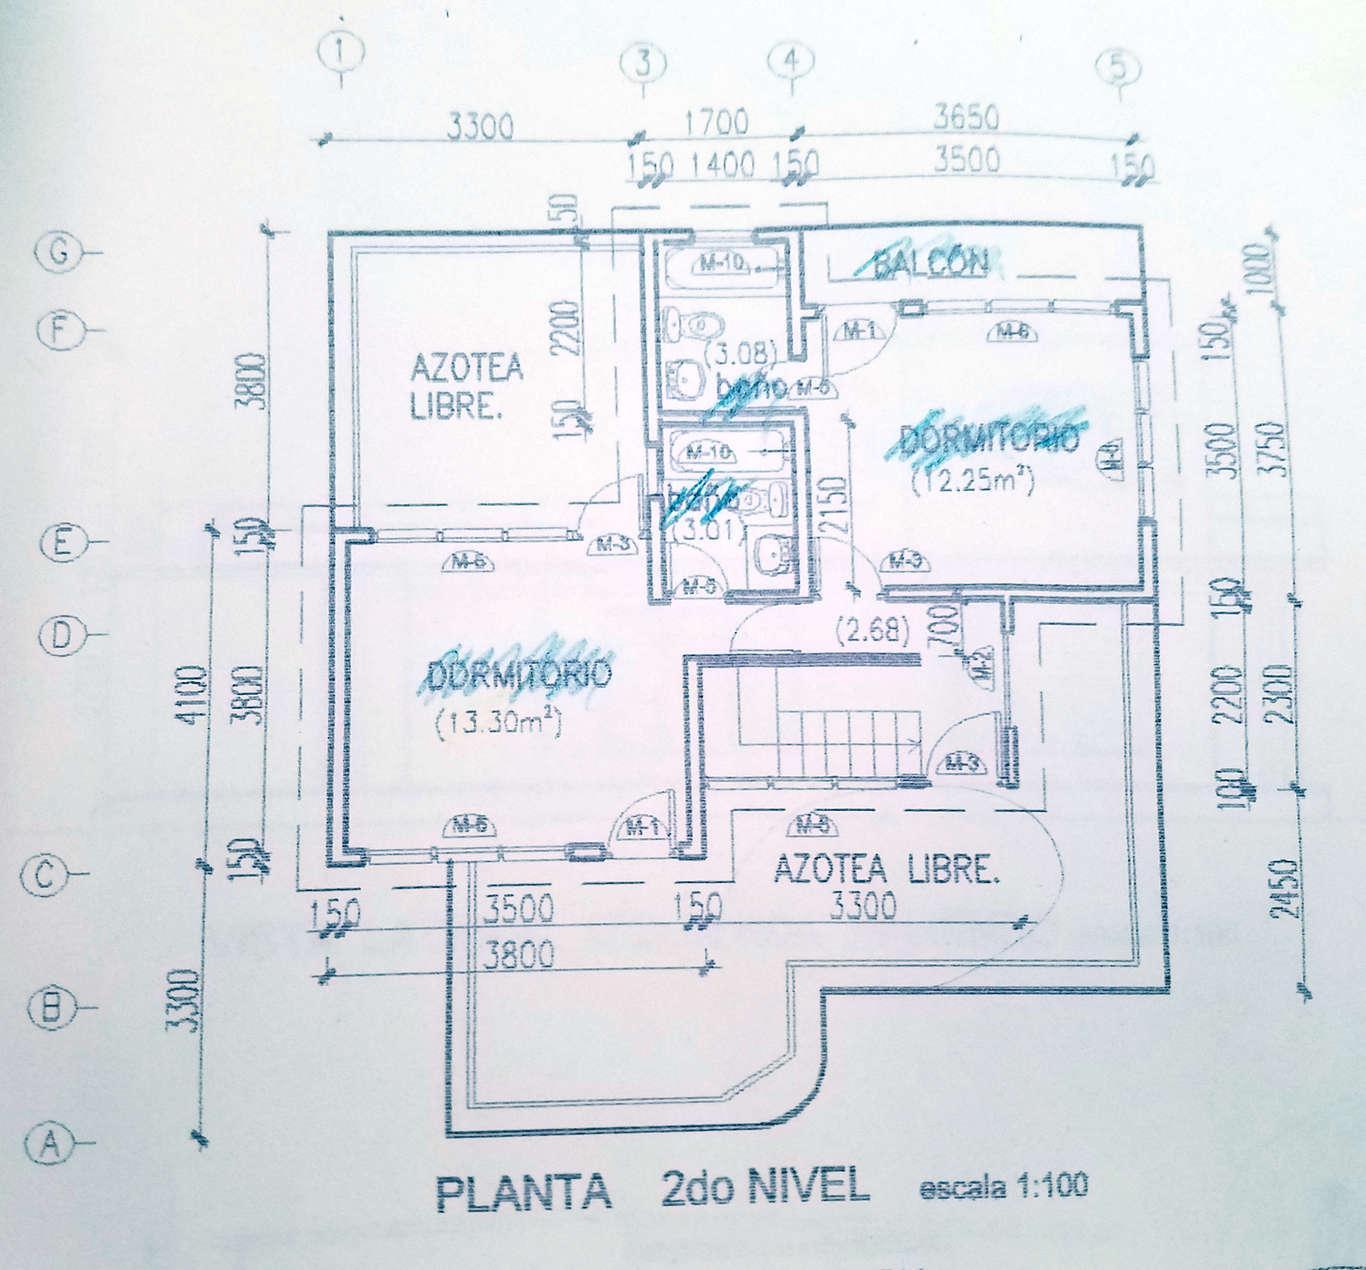 HEC1097: Terreno 800 metros cuadrados por $ 55.000 en Cienfuegos, Cienfuegos